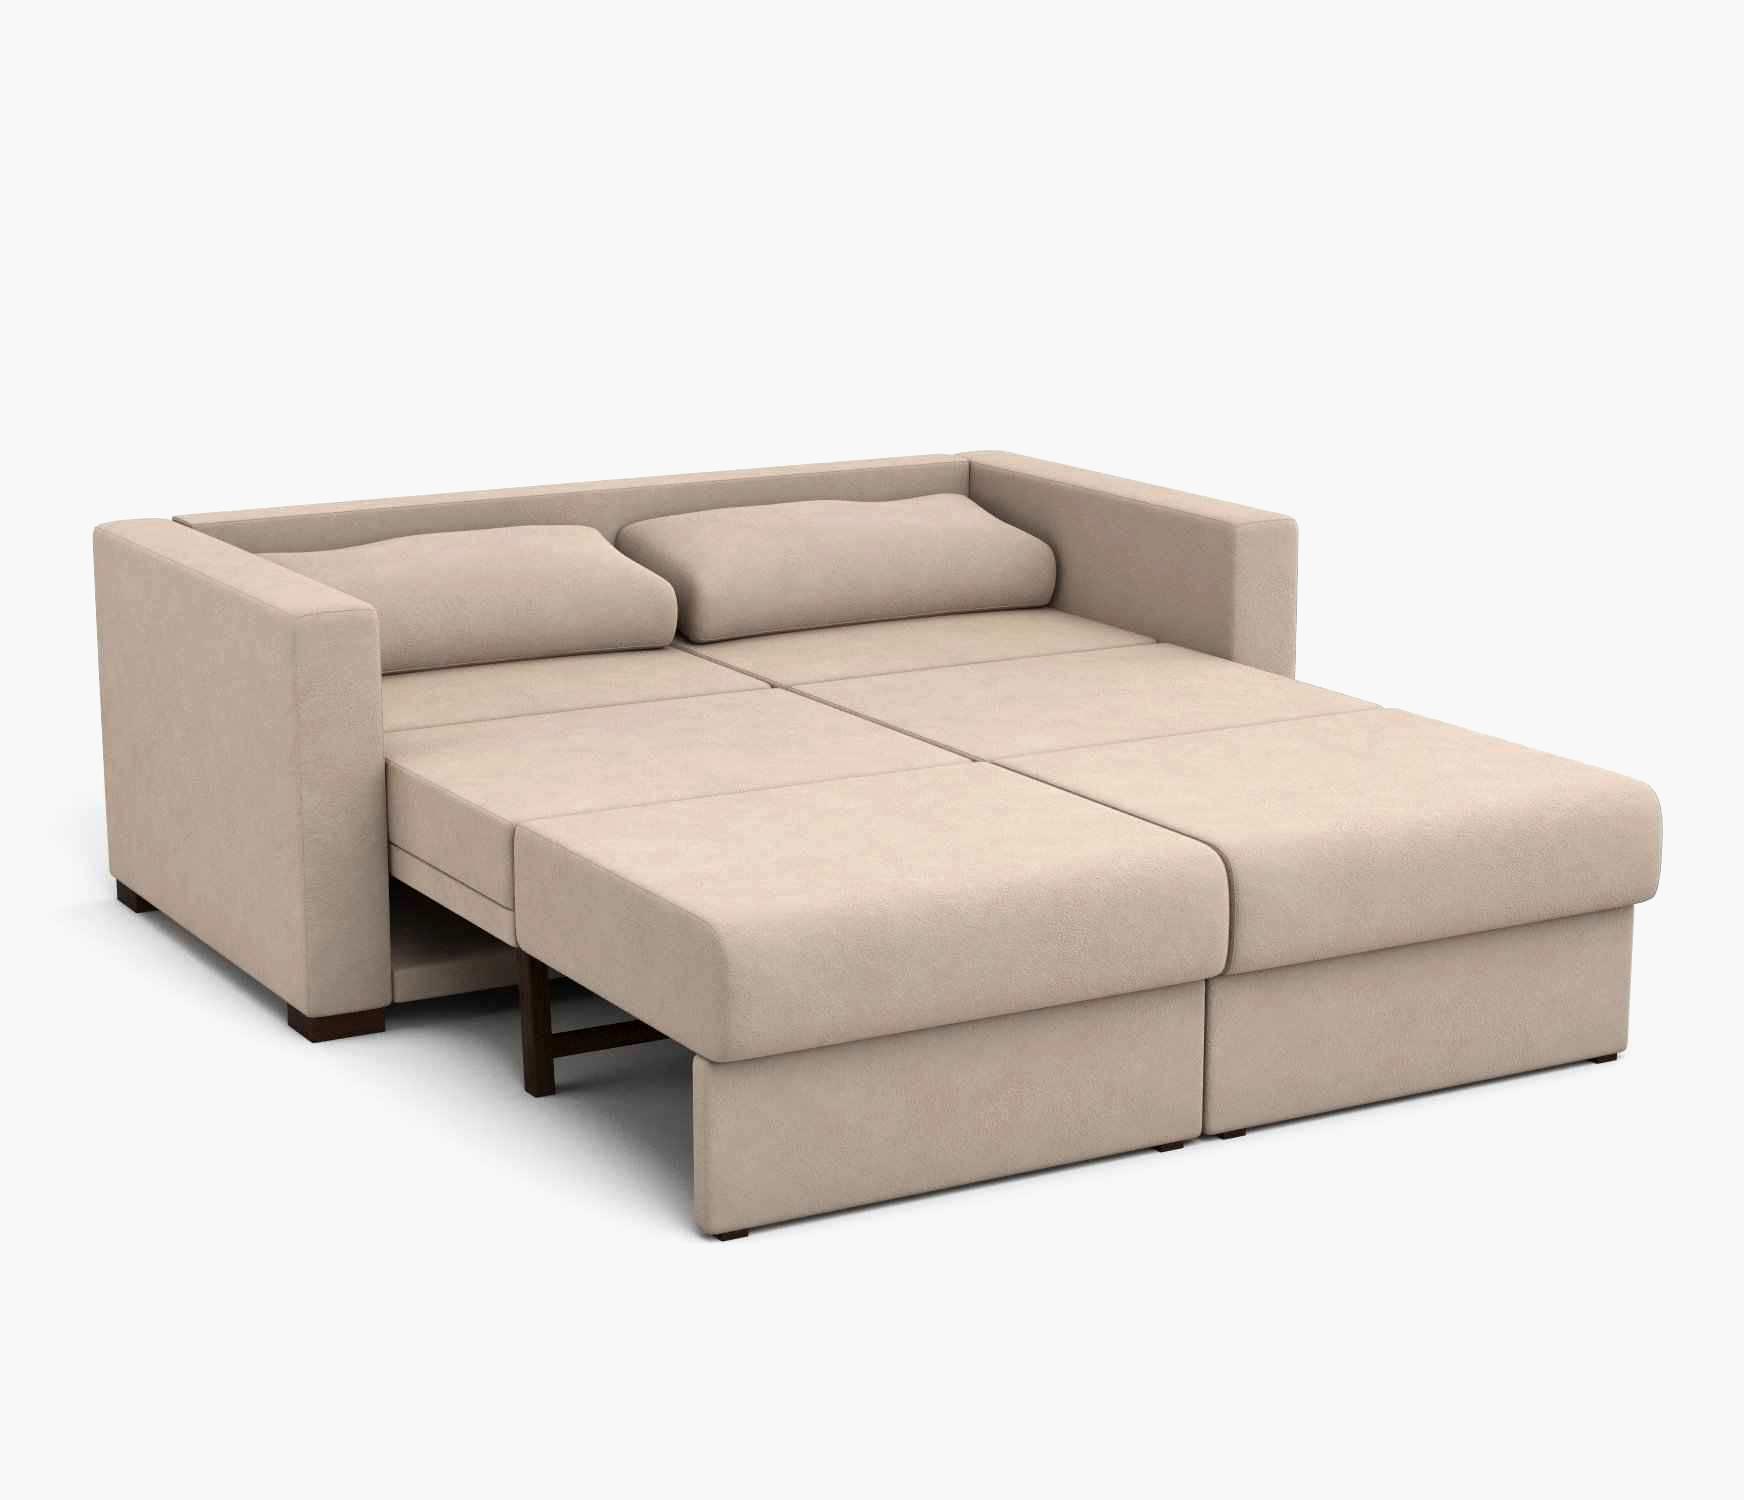 Sofas Conforama Madrid J7do sofa Cama Dos Plazas Conforama sofas Conforama Madrid asombroso 45